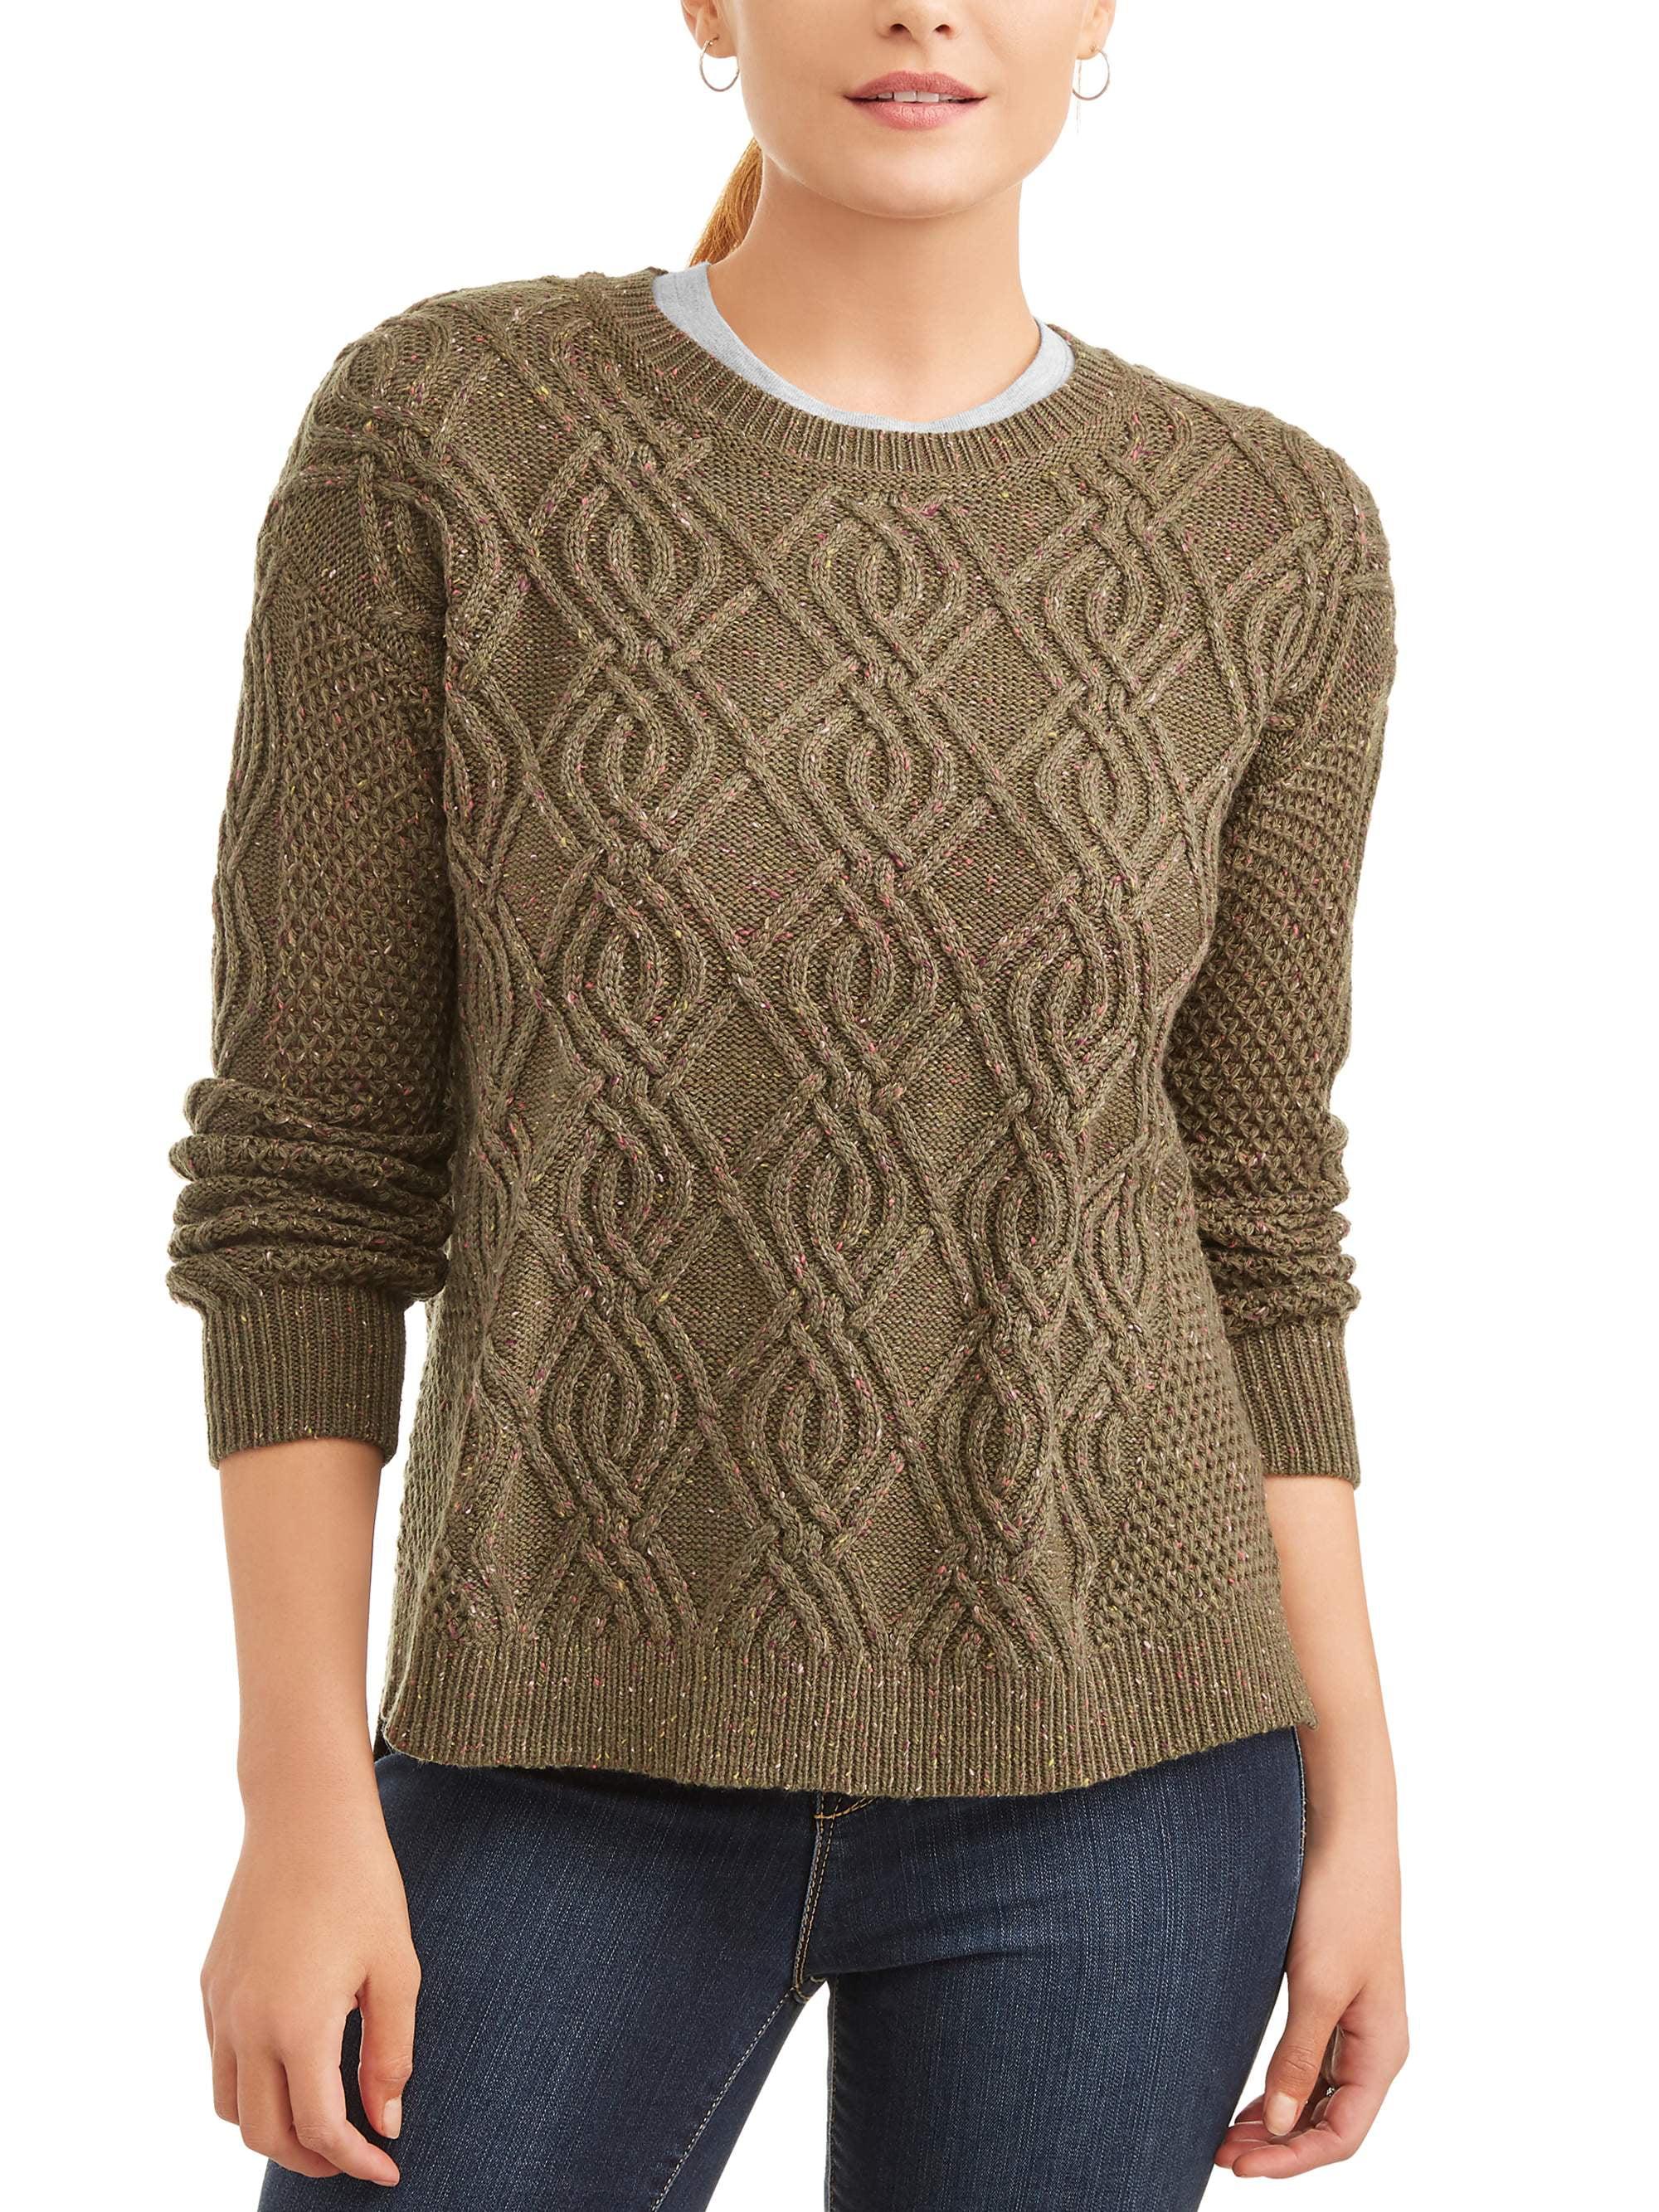 Womens Sweaters Walmartcom